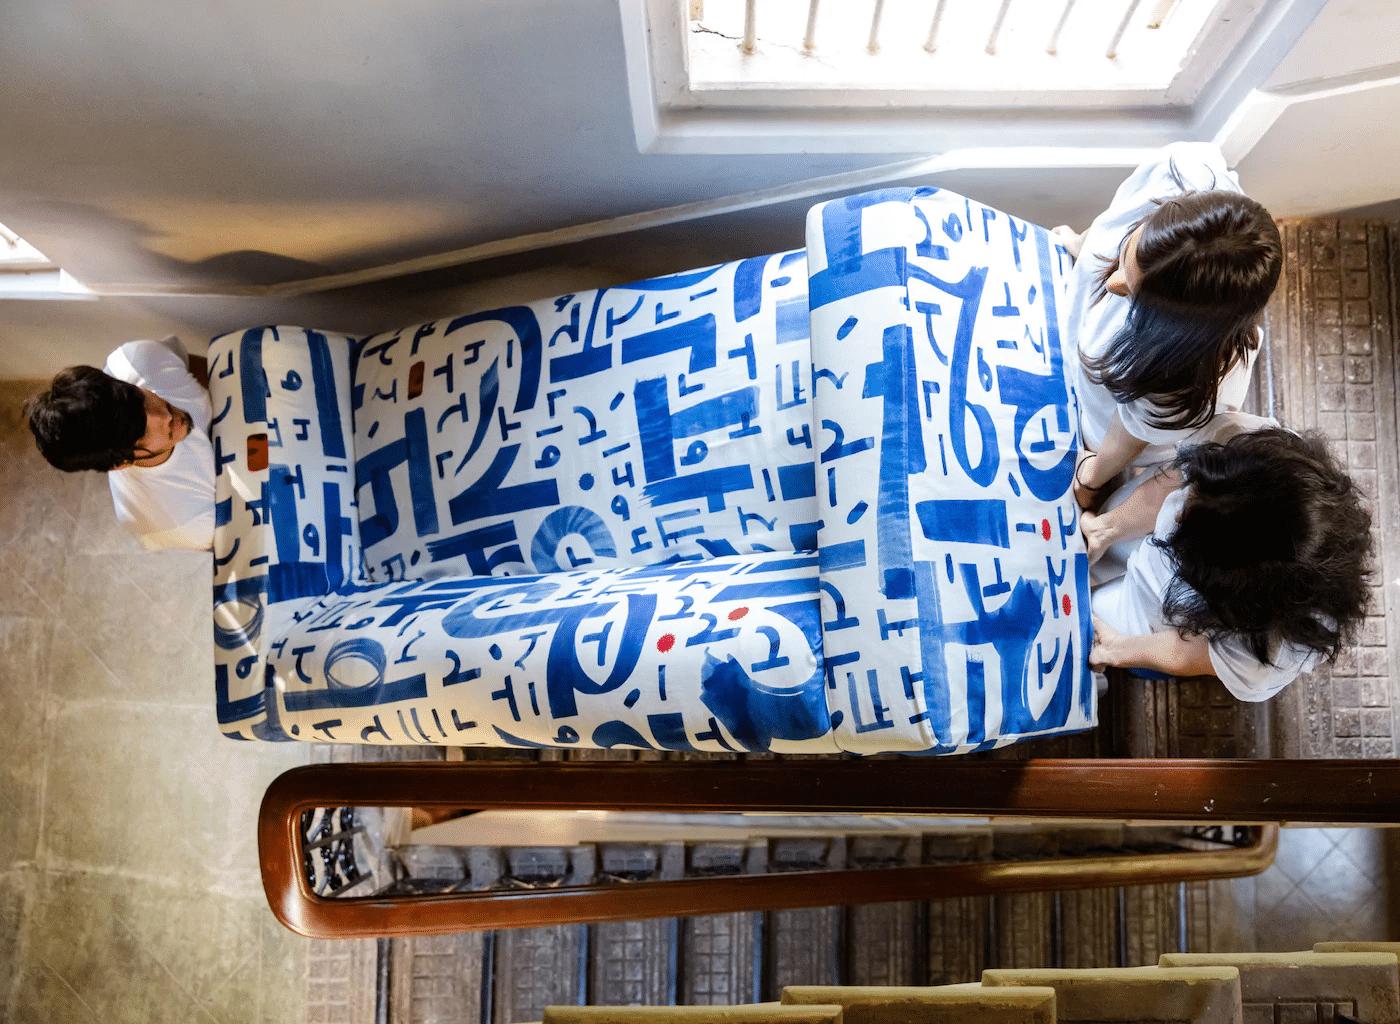 três pessoas subindo com um colchão pela escada